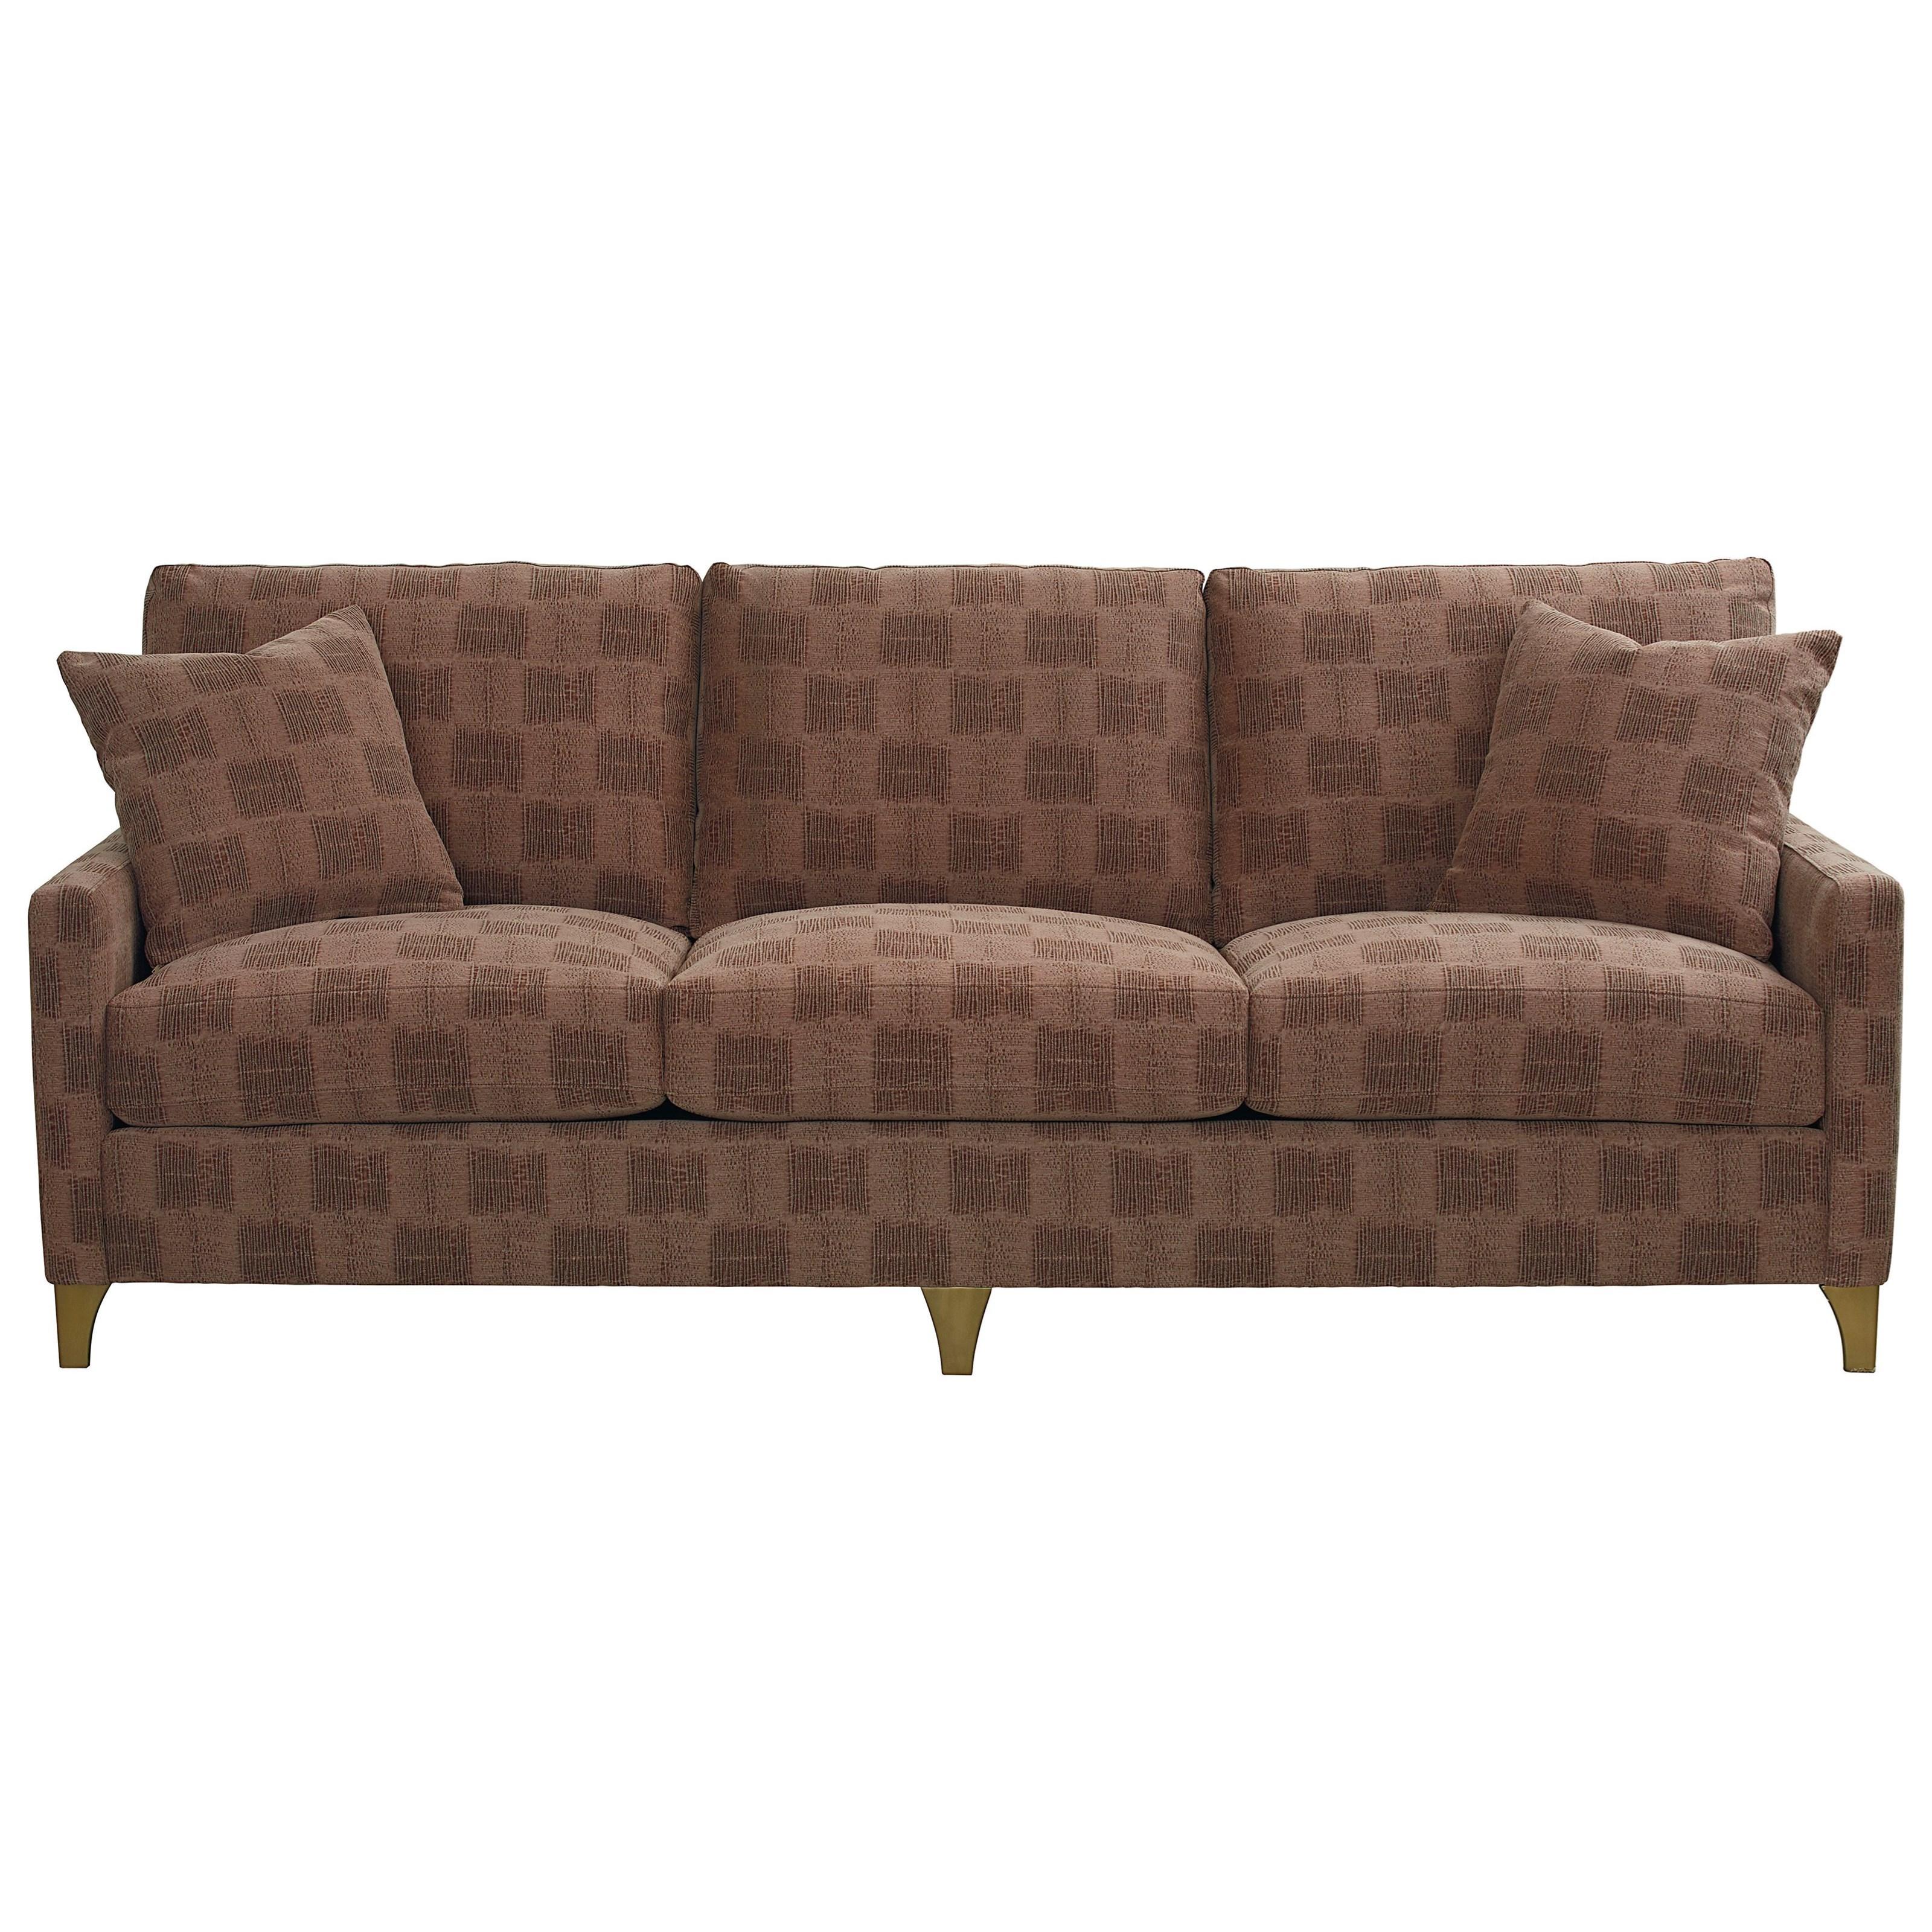 Custom Upholstery Customizable Grand Sofa by Bassett at Bassett of Cool Springs